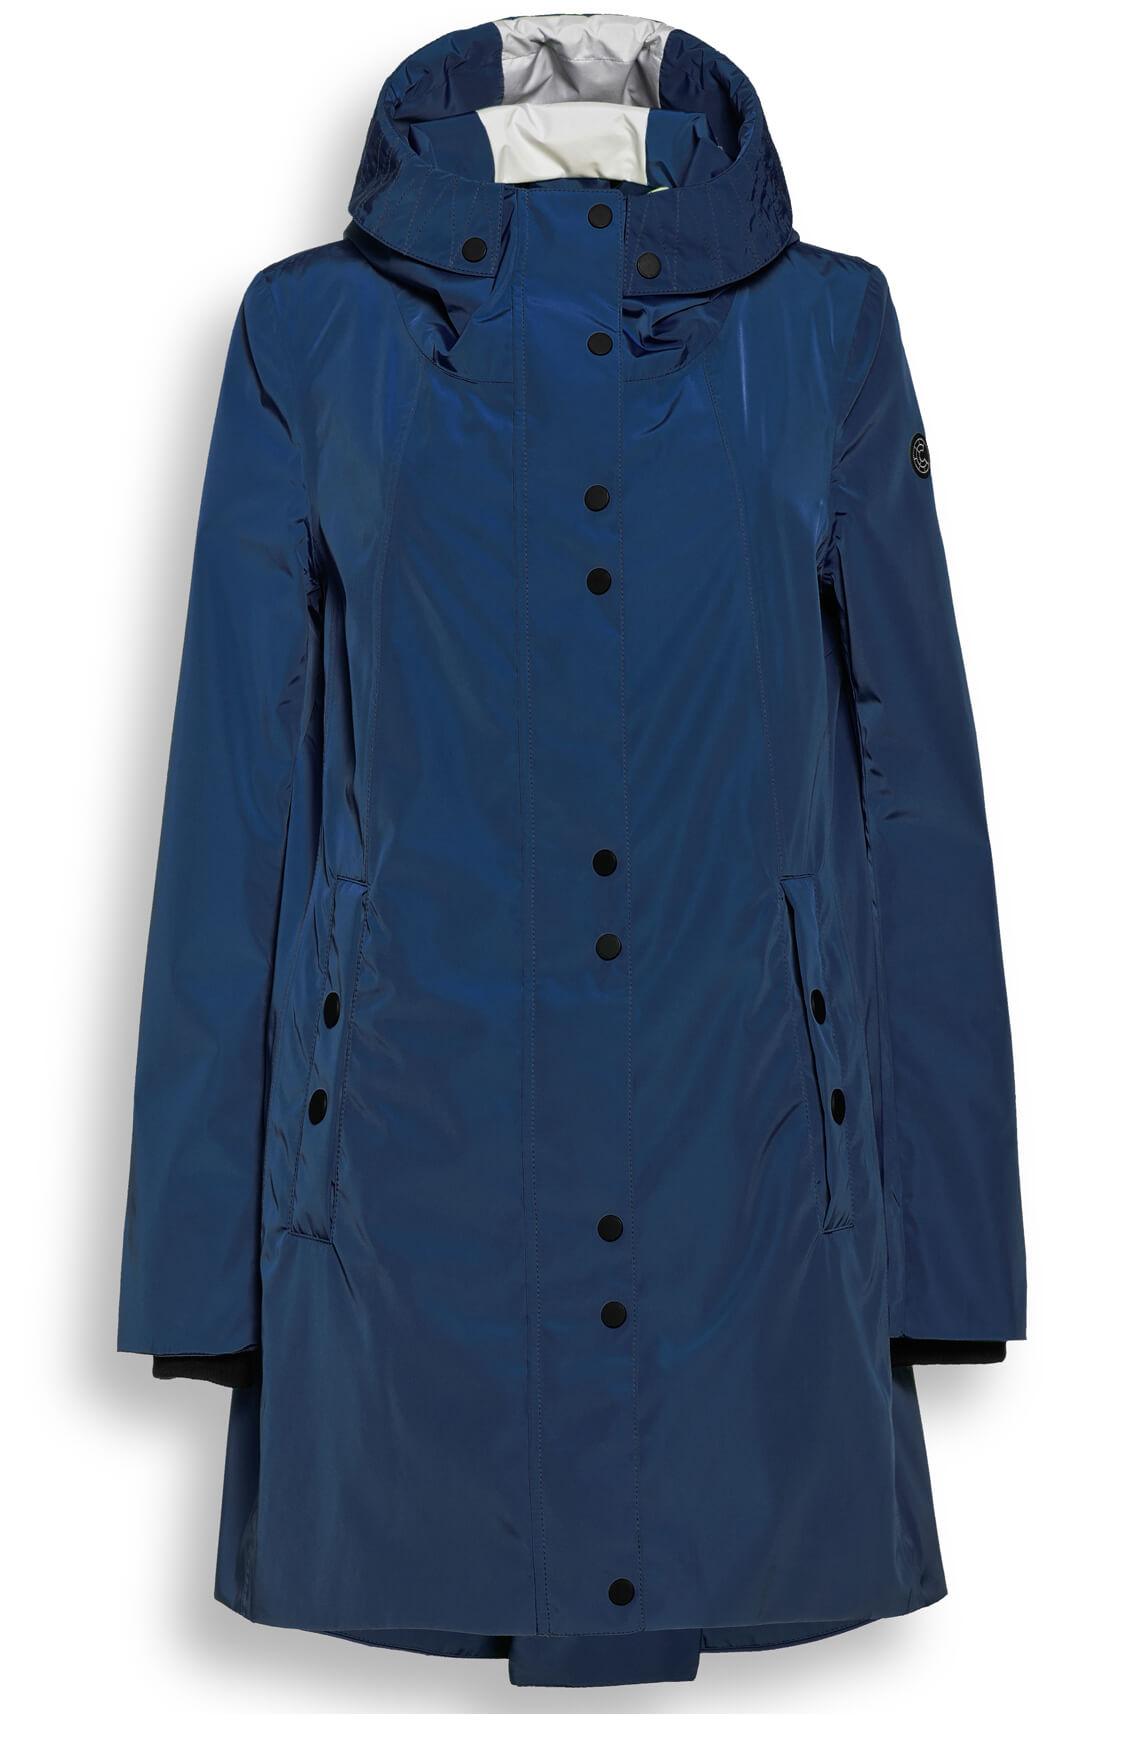 Creenstone Dames Regenjas Blauw